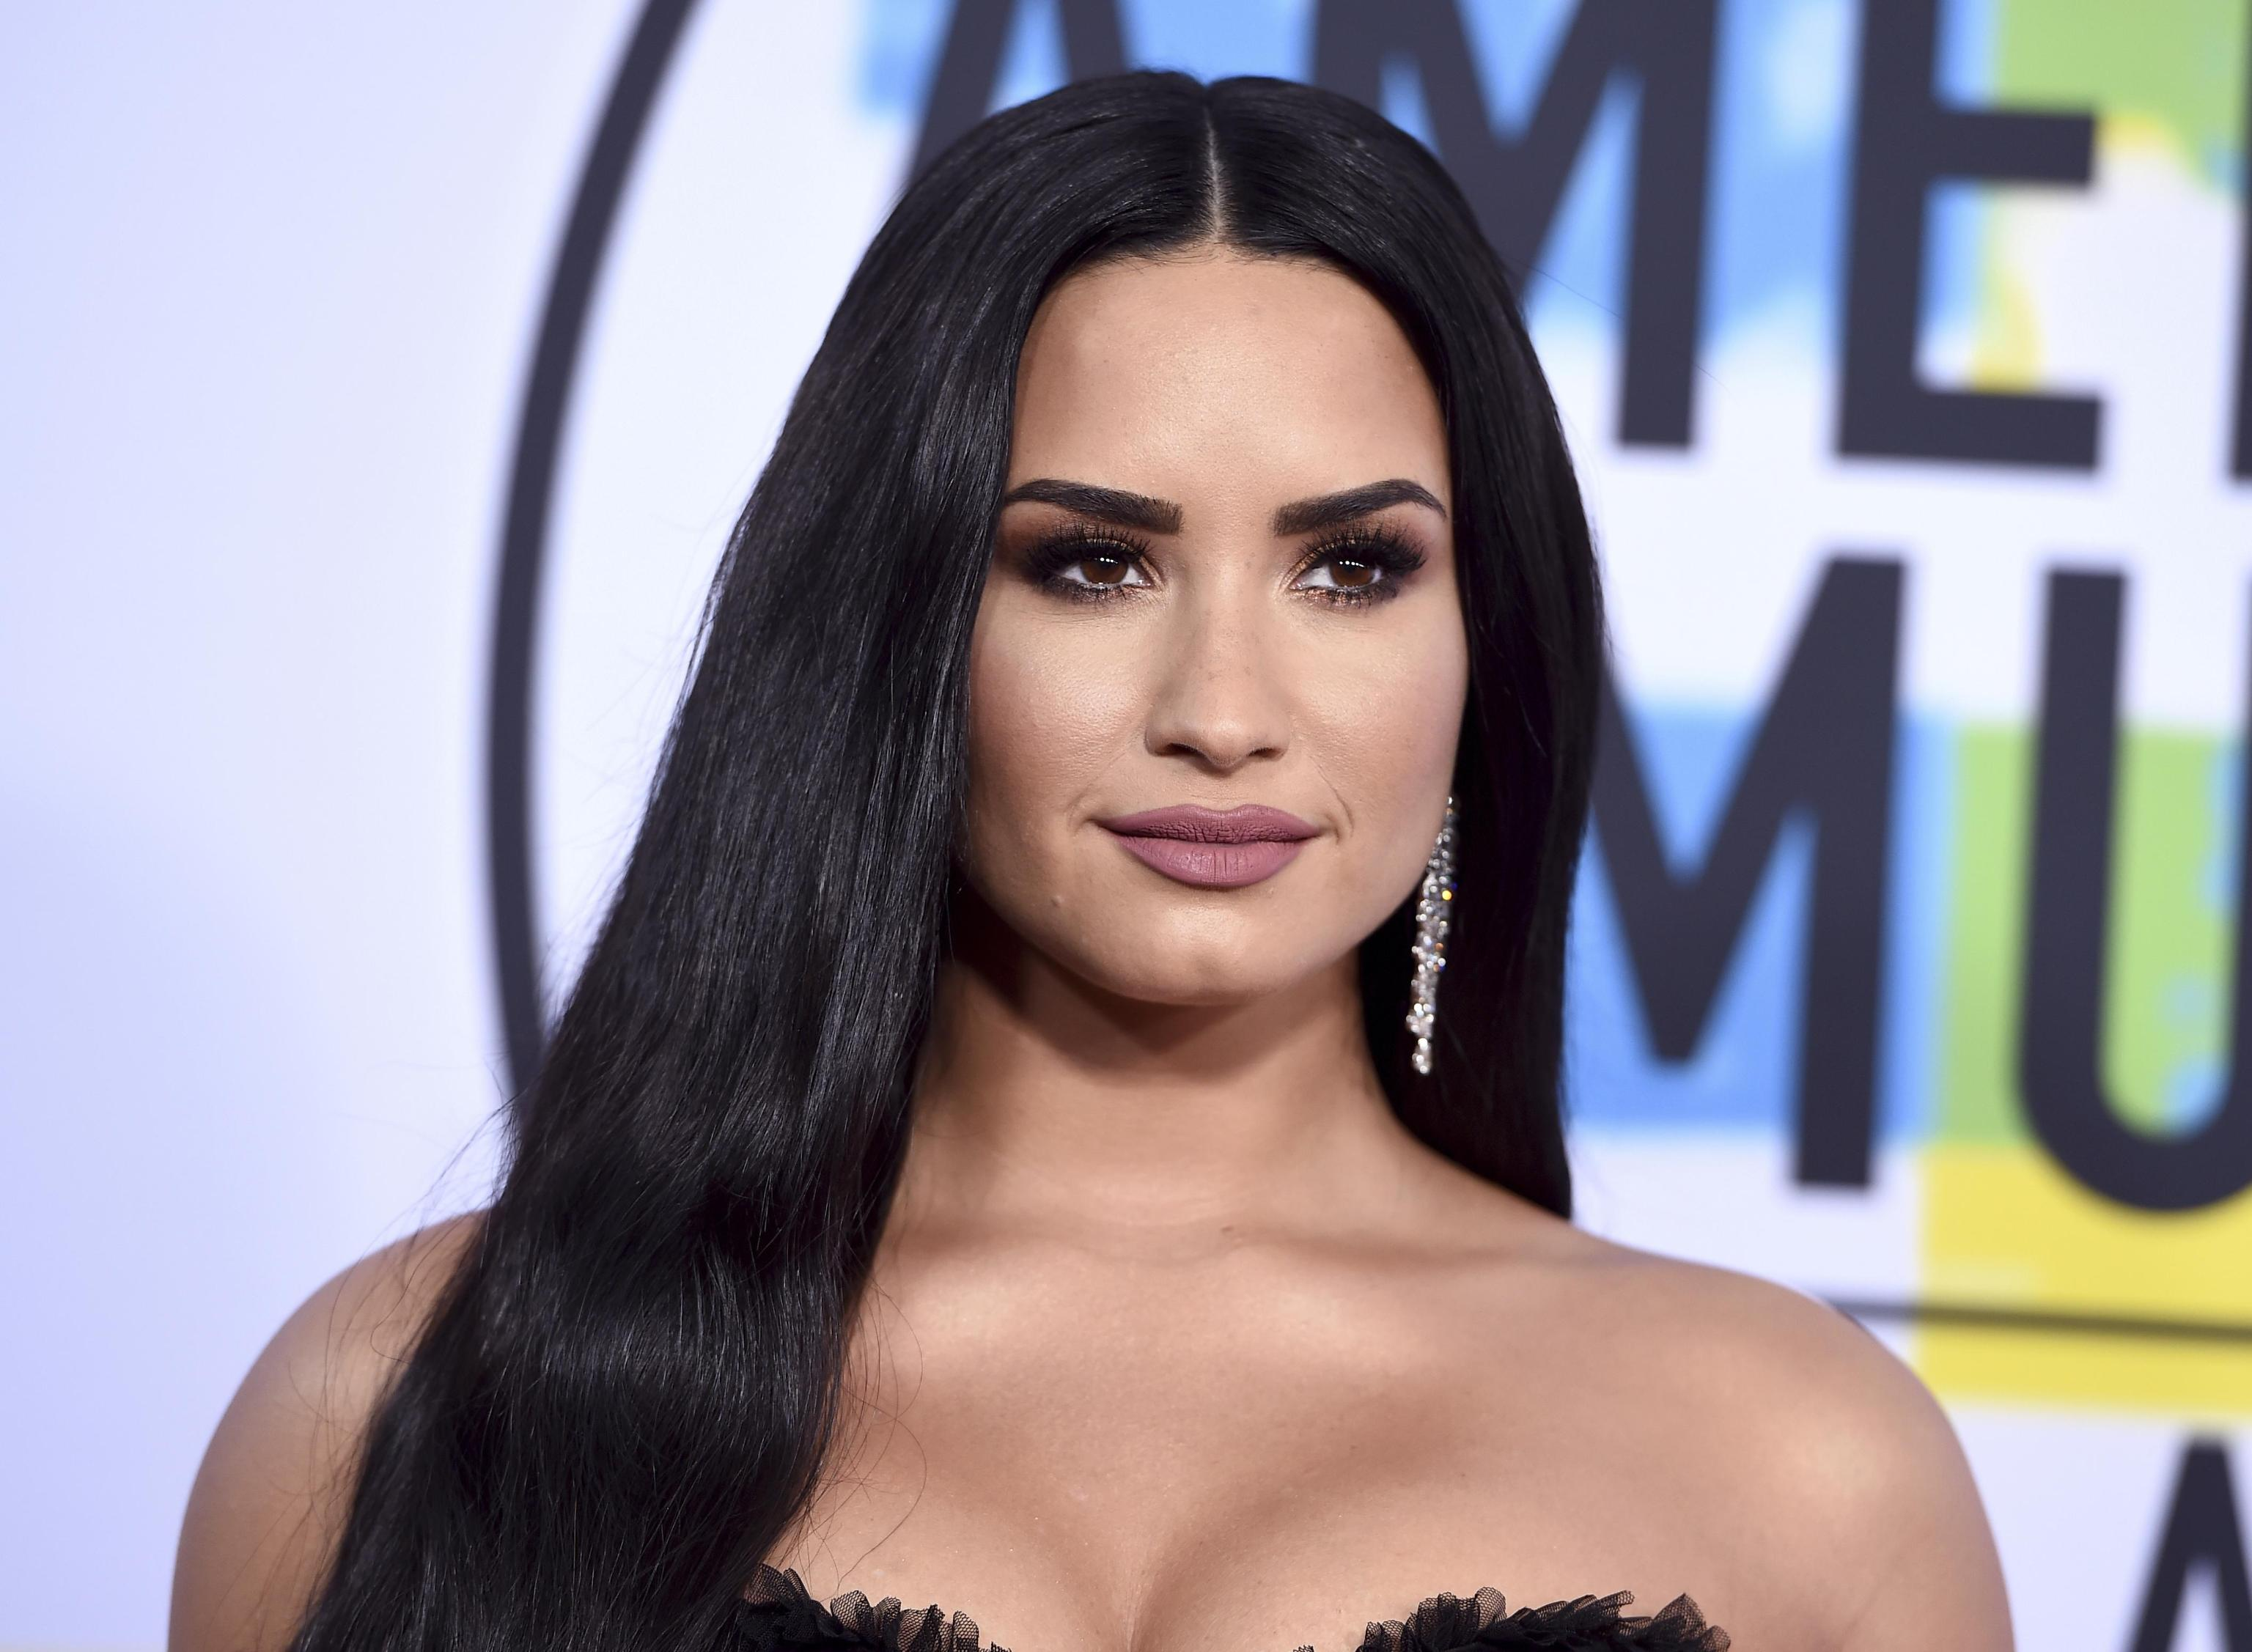 Demi Lovato in ospedale per sospetta overdose, la famiglia chiede 'rispetto della privacy'